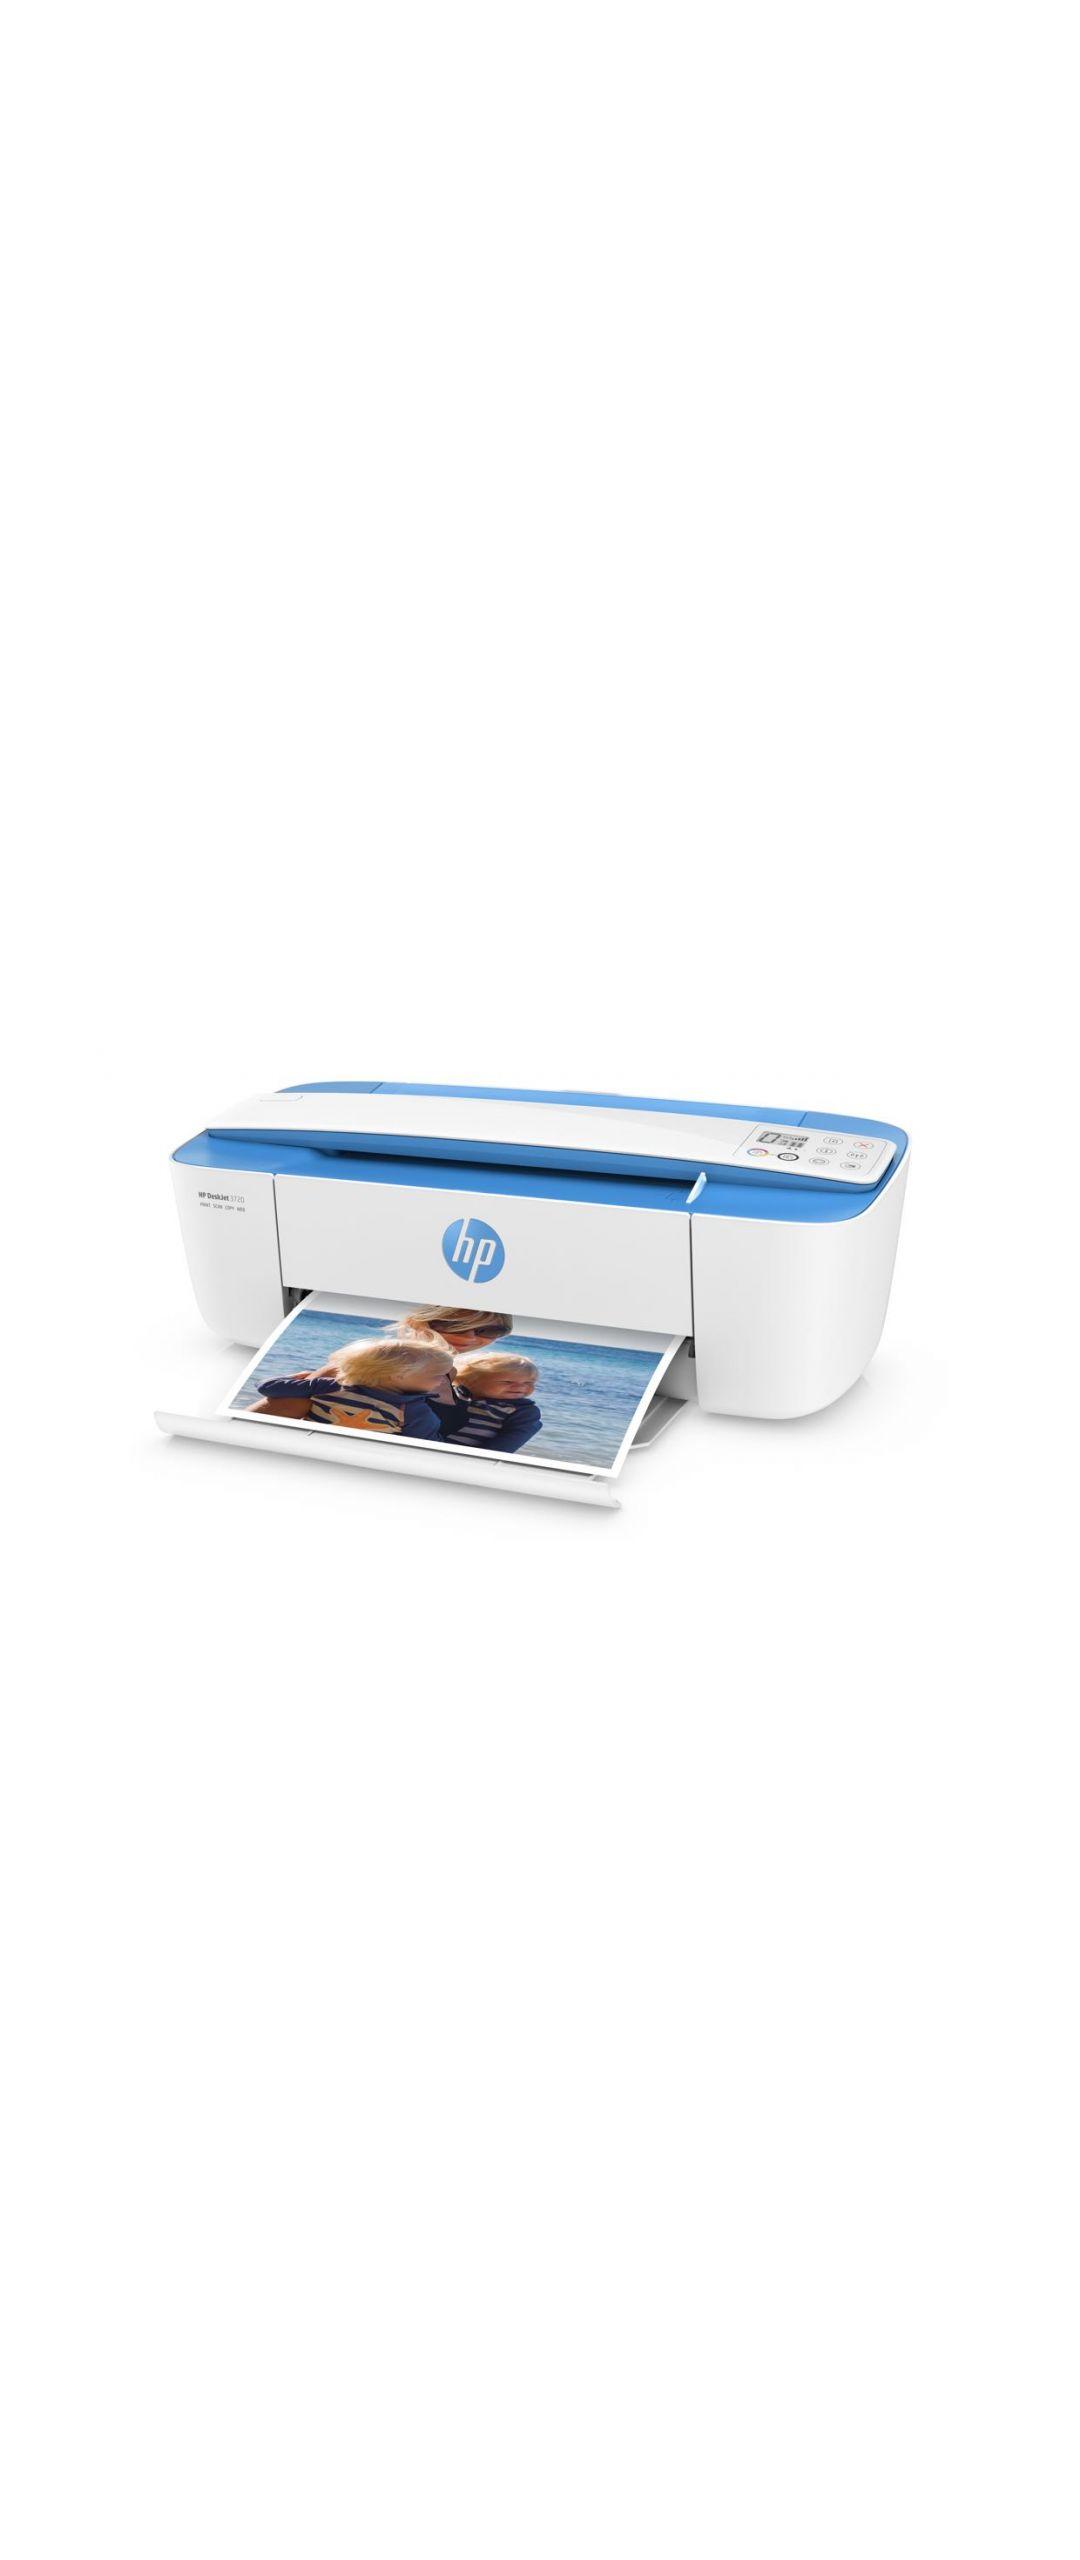 HP presentó la impresora multifuncional más pequeña del mundo